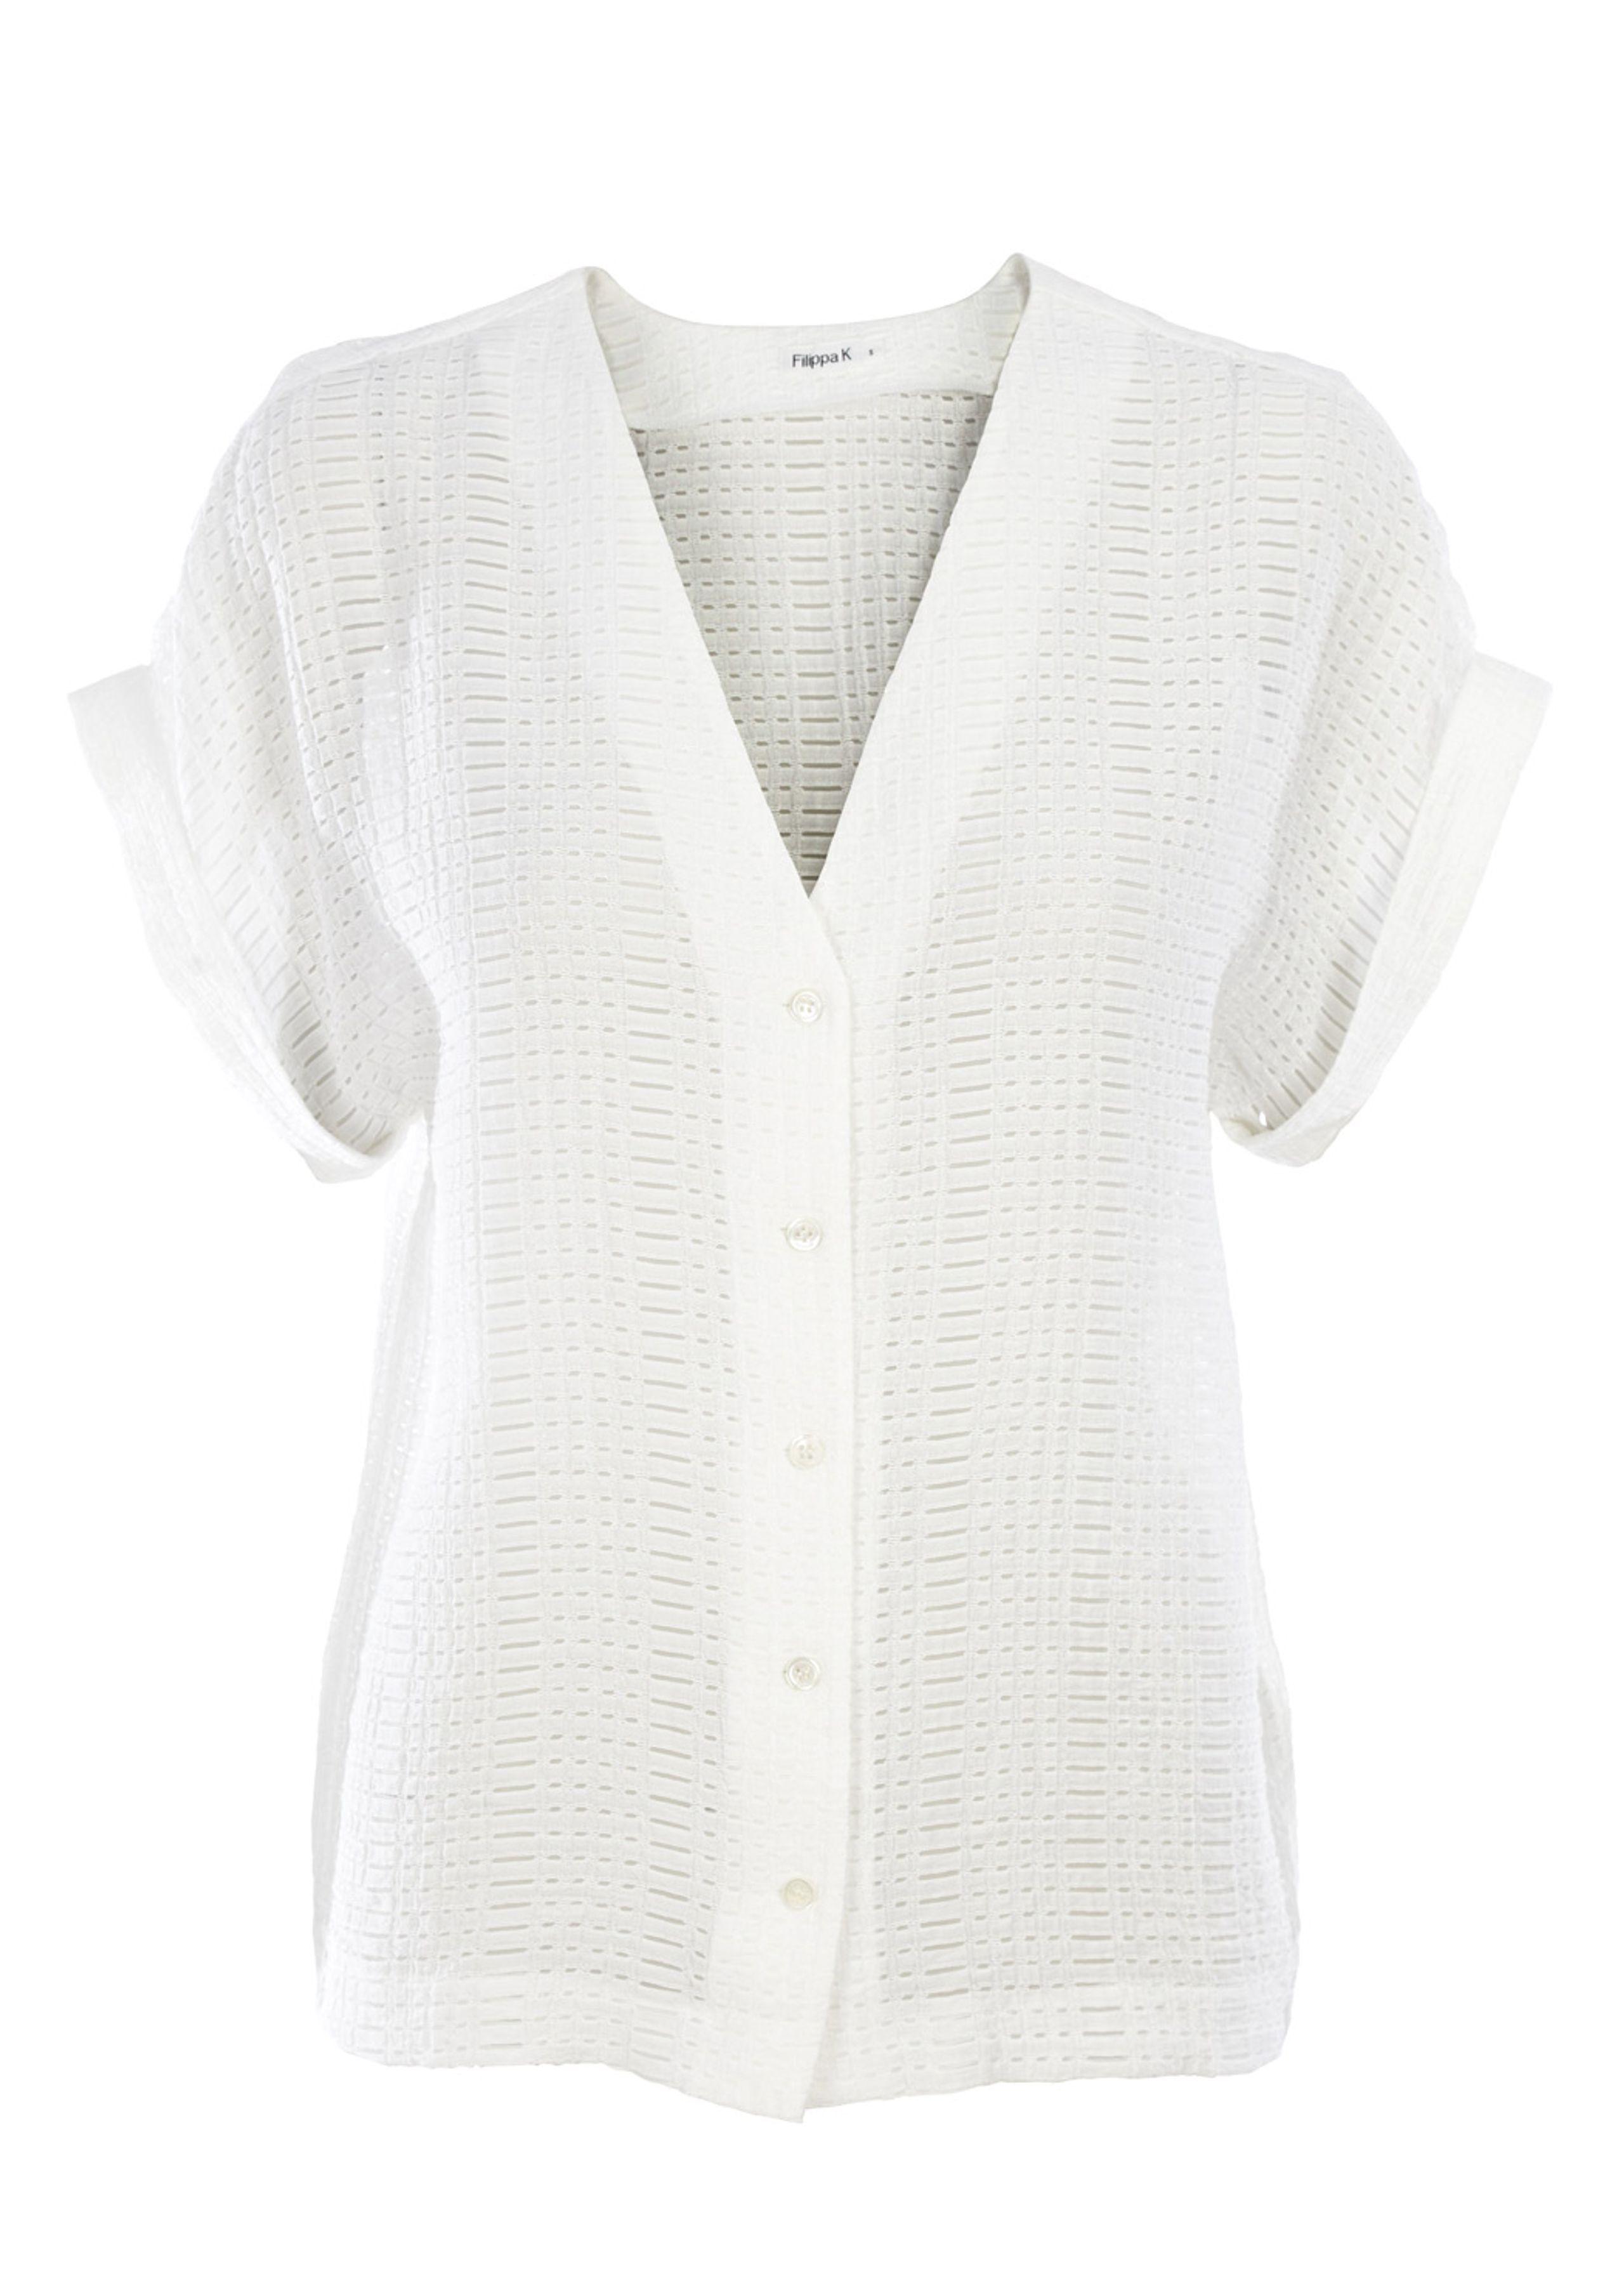 Structure blouse lace